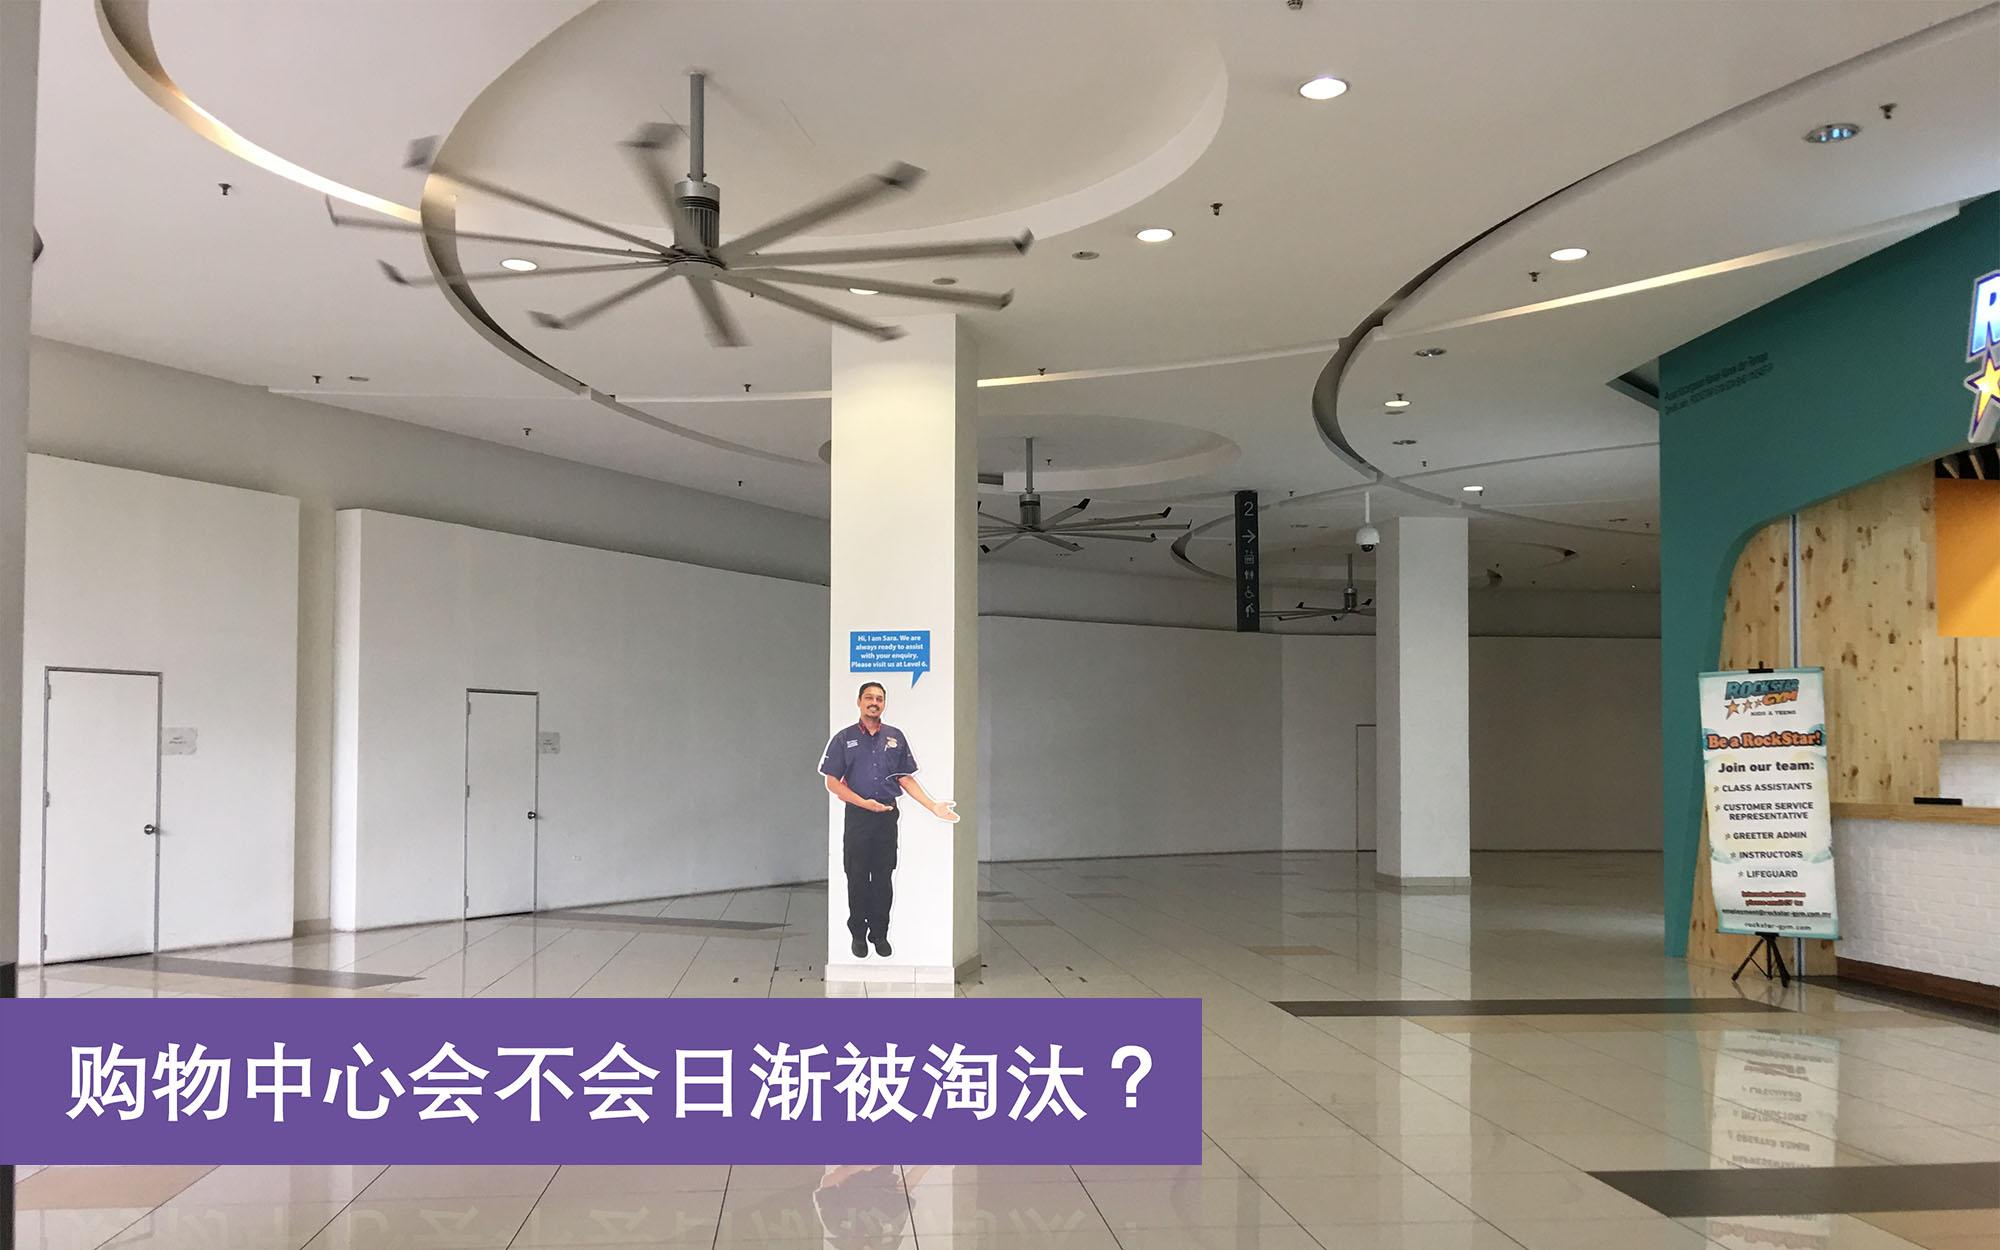 Malls chinese small